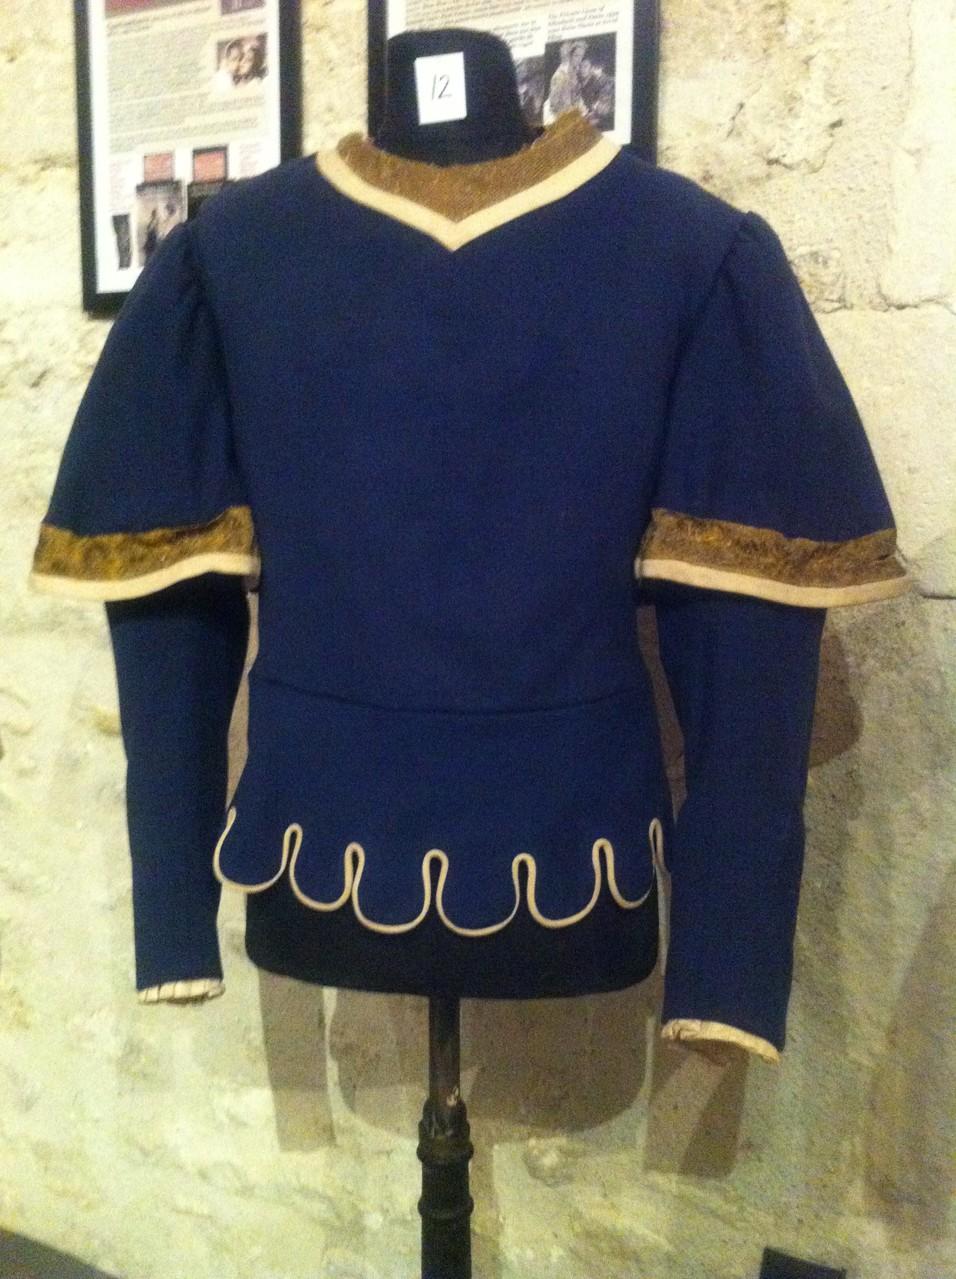 Ce pourpoint est à l'origine un costume pour le ROMEO AND JULIET de 1936. Il a été transformé pour d'autres productions mais on distingue encore l'ombre de l'aigle pectoral décousu.